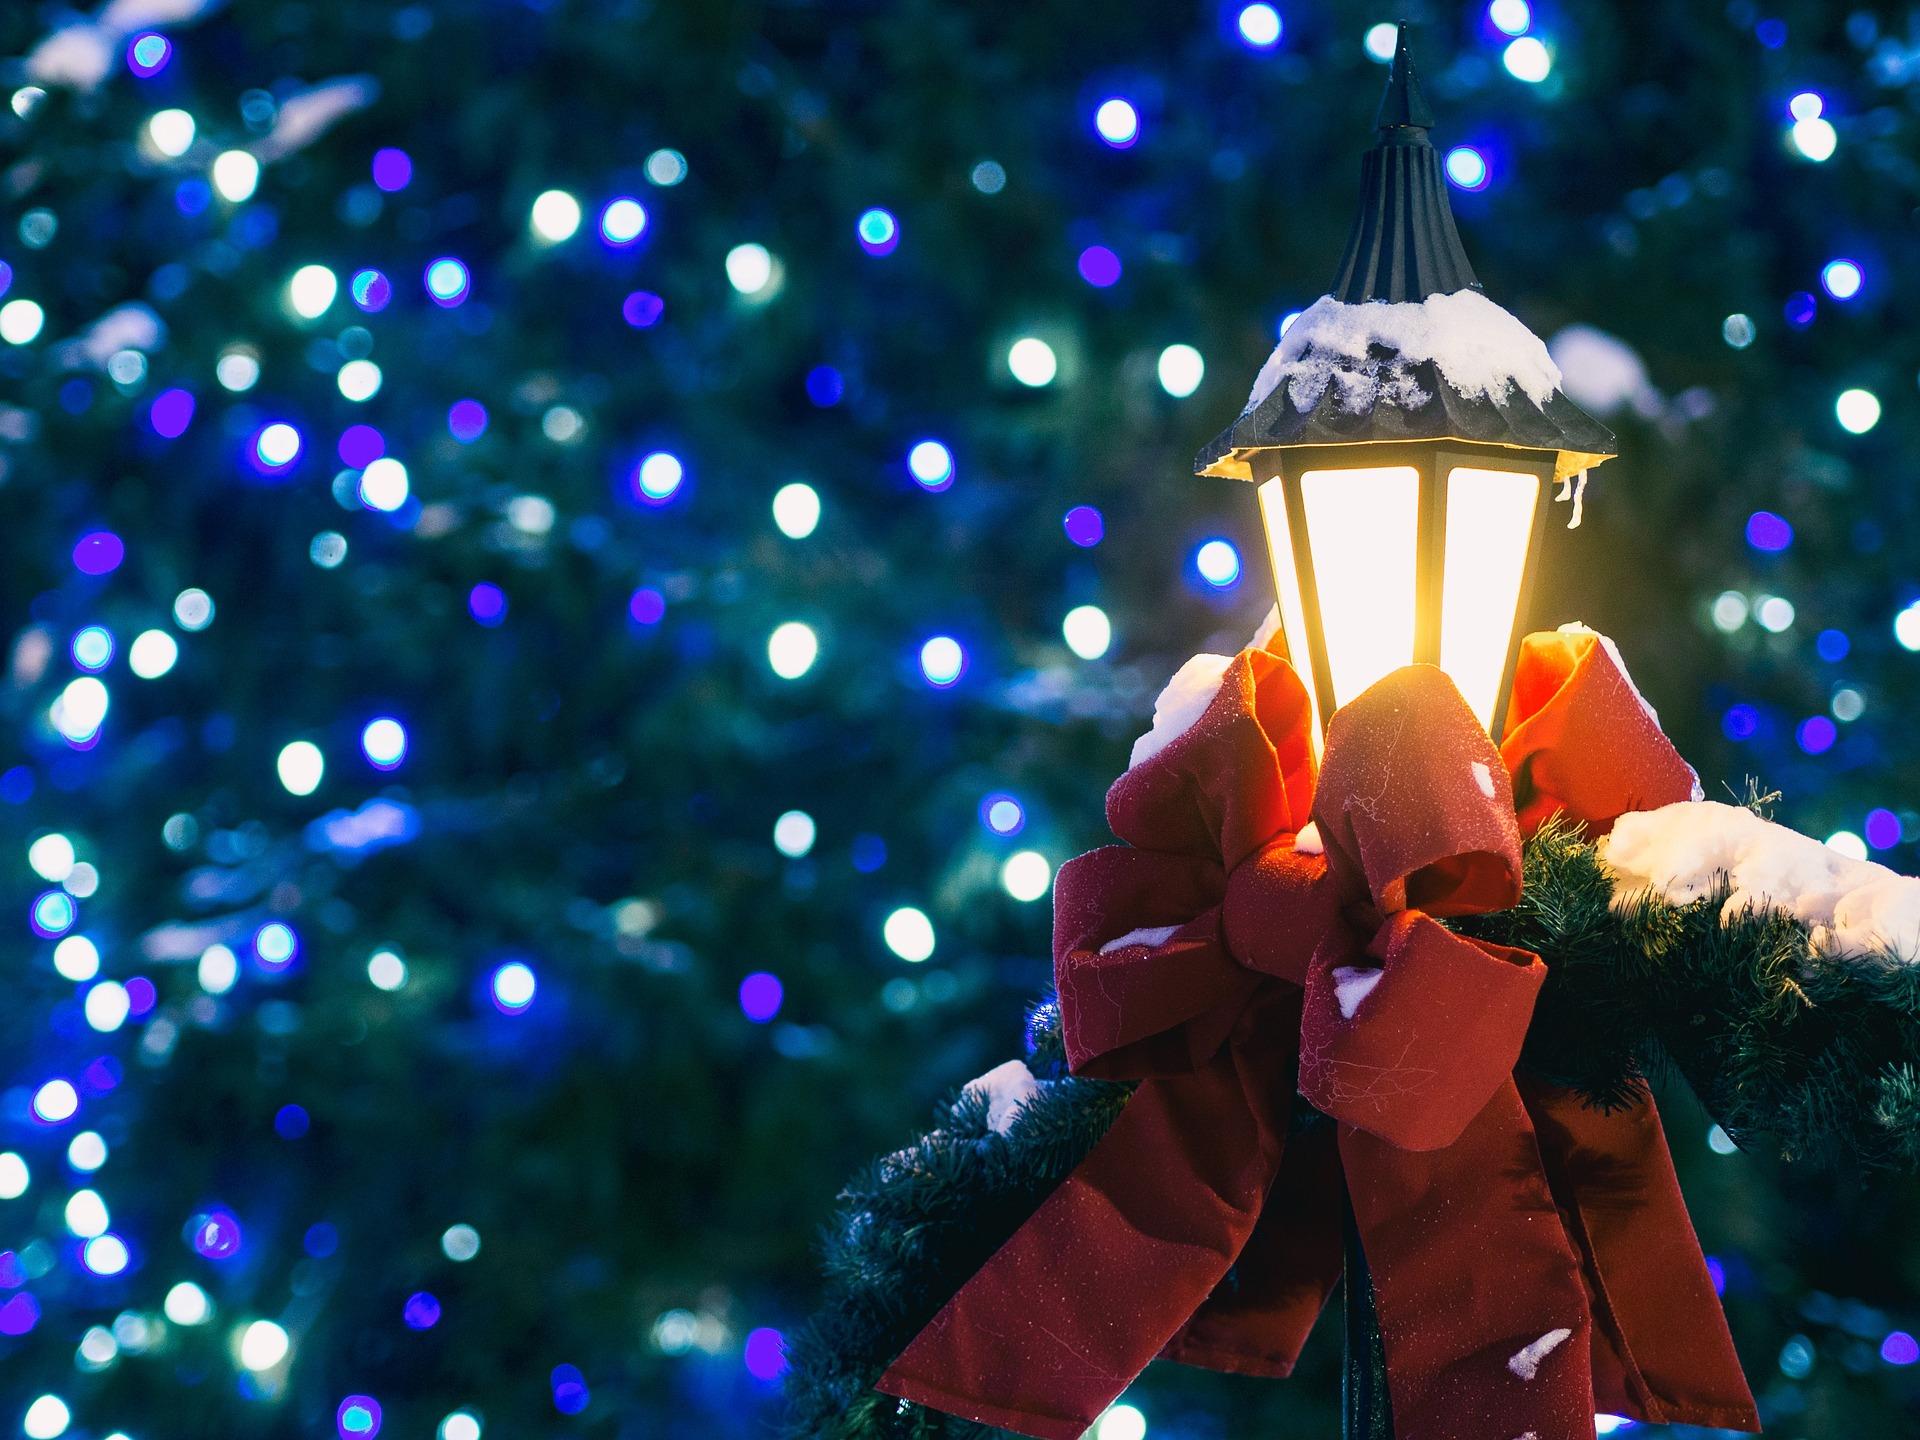 whats on - Christmas Light Show Raleigh Nc